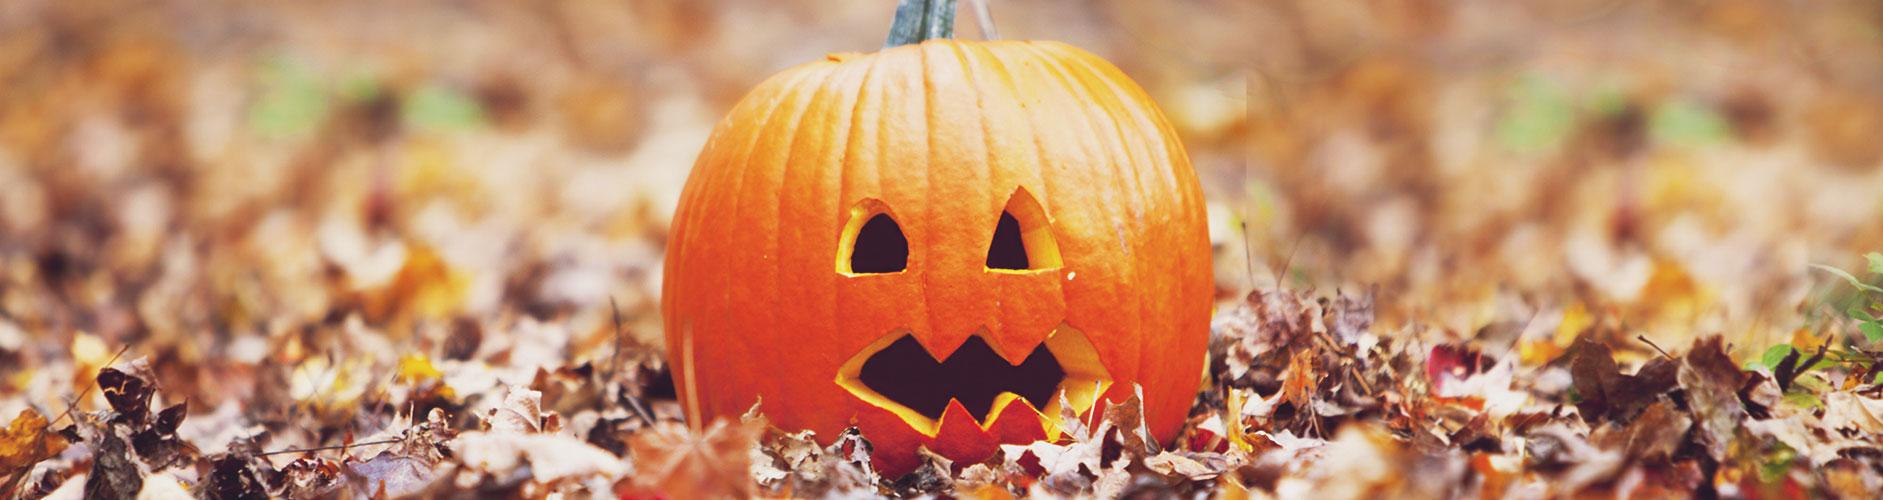 happy-halloween-humor.jpg